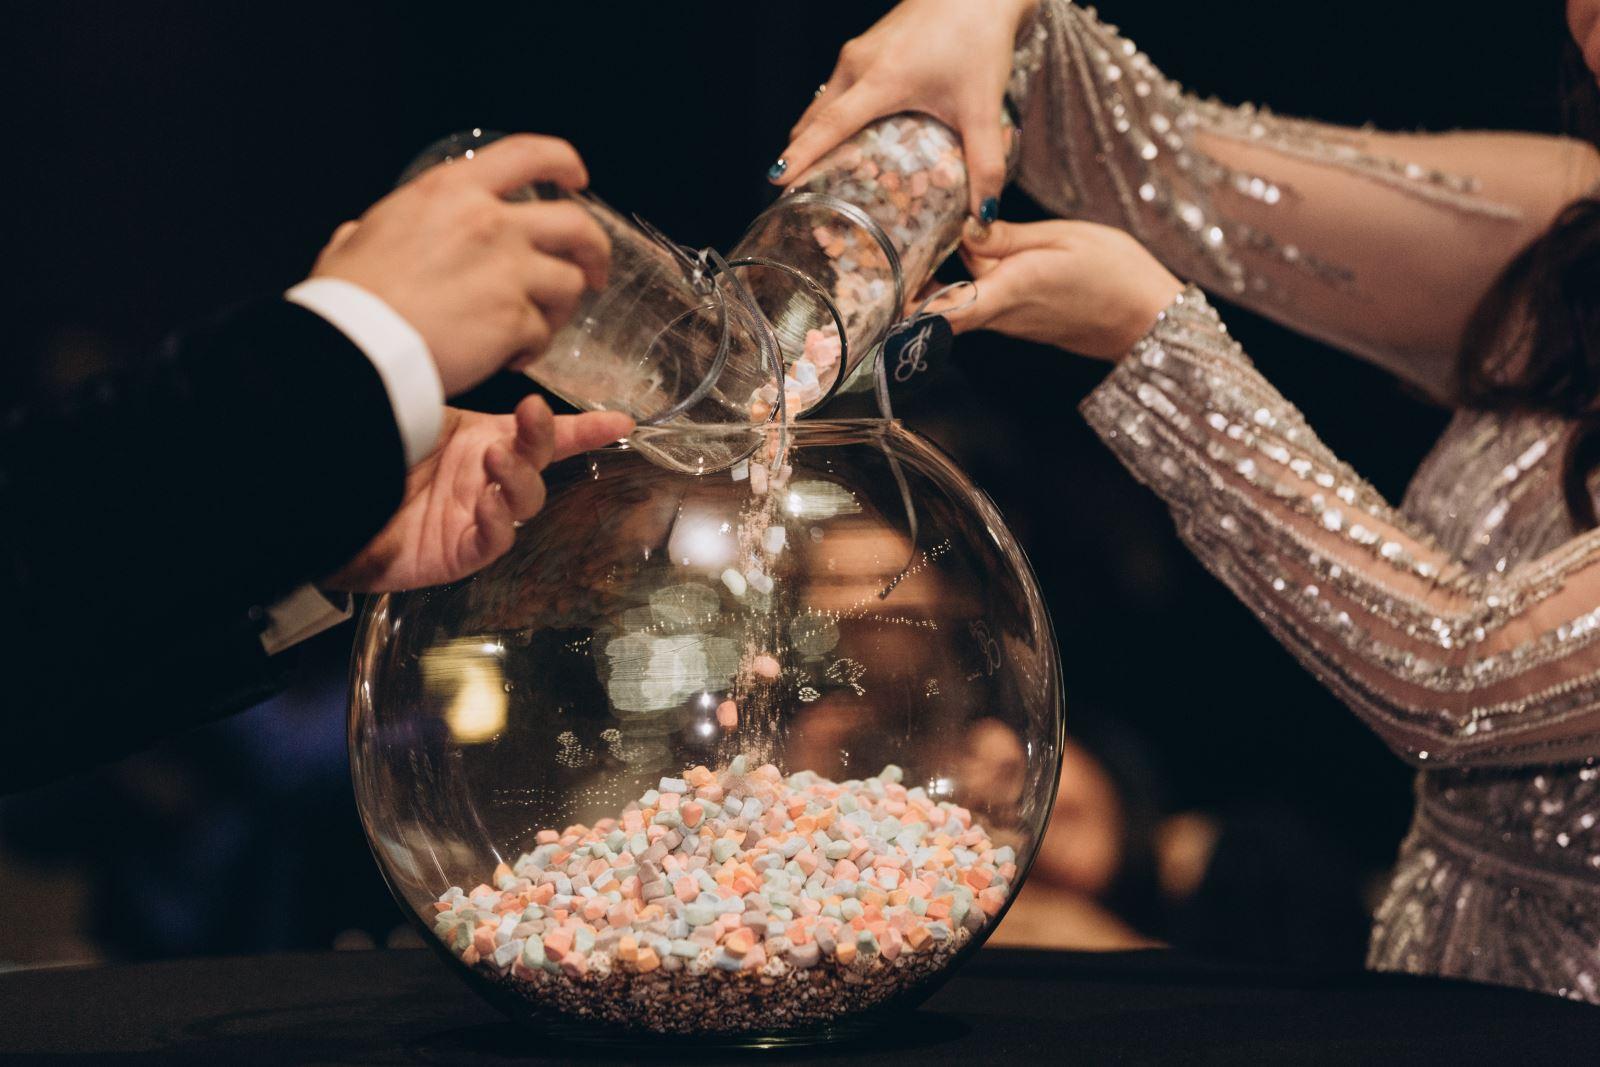 婚禮儀式,有香檳塔有結婚蛋糕,但這個你應該沒看過吧